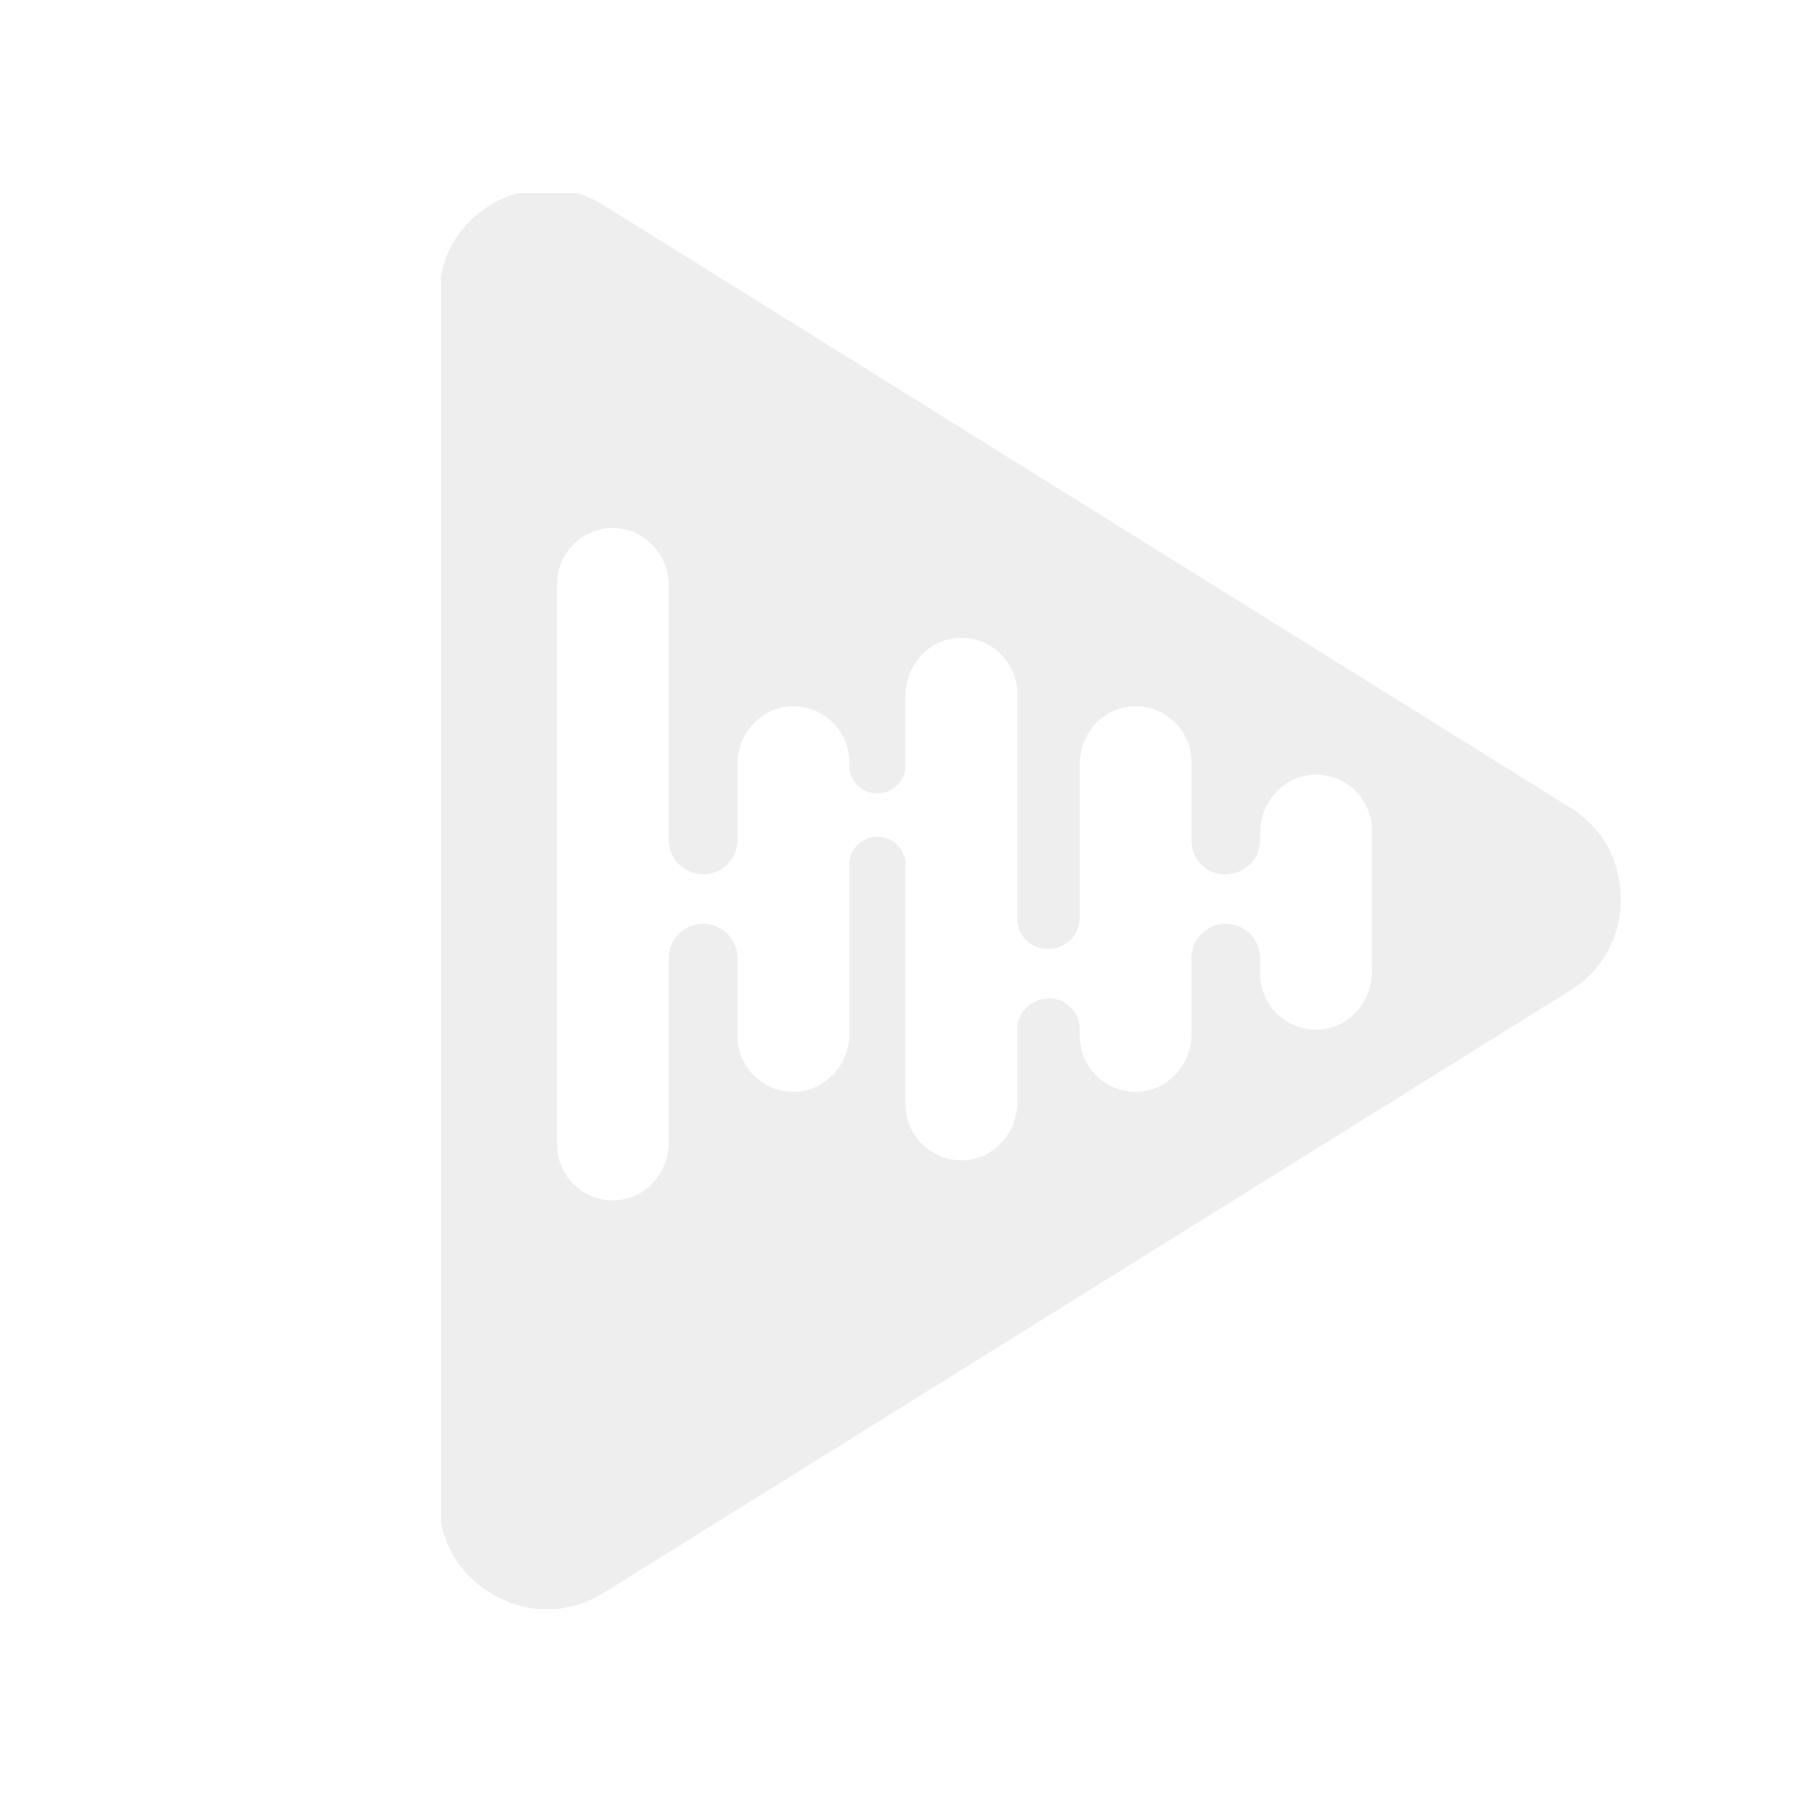 Hertz Mille Pro MPX 165.3